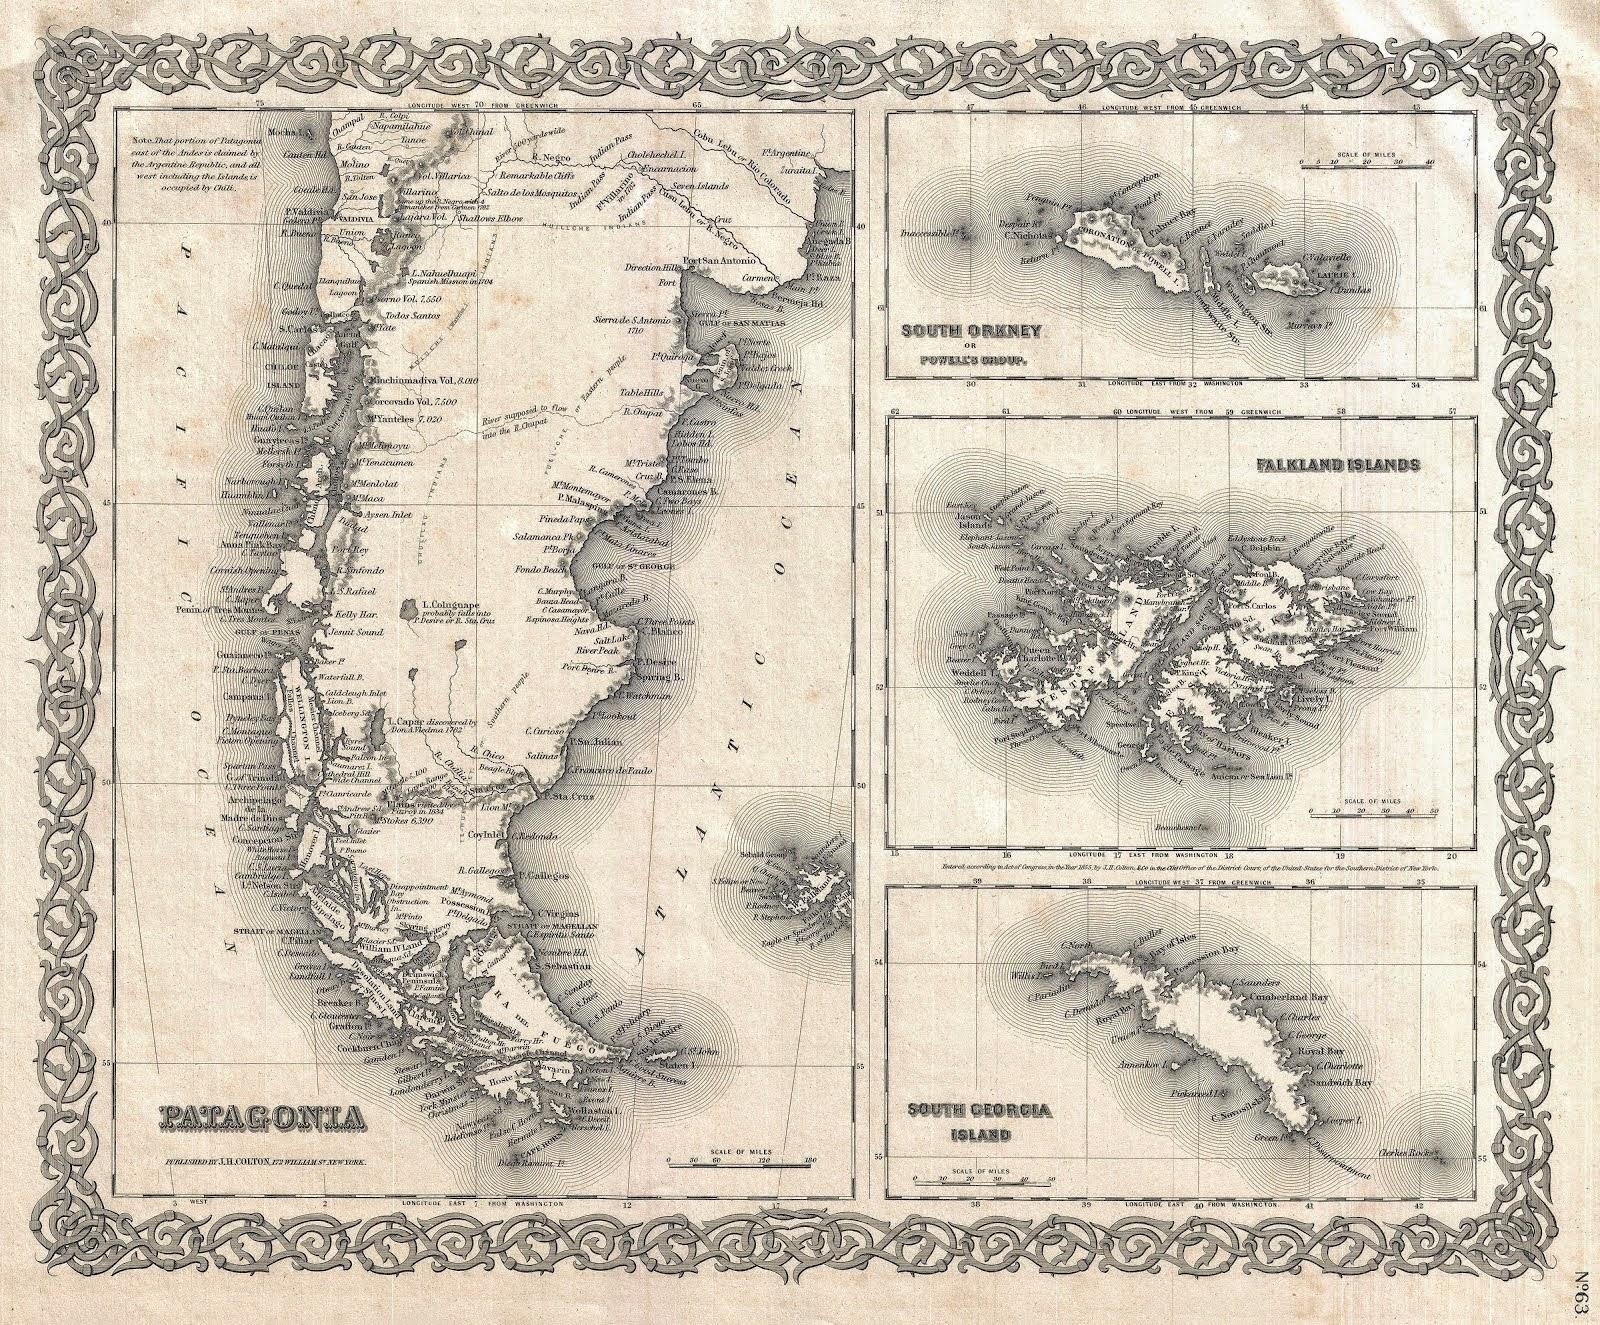 Patagonia-Argentina-8